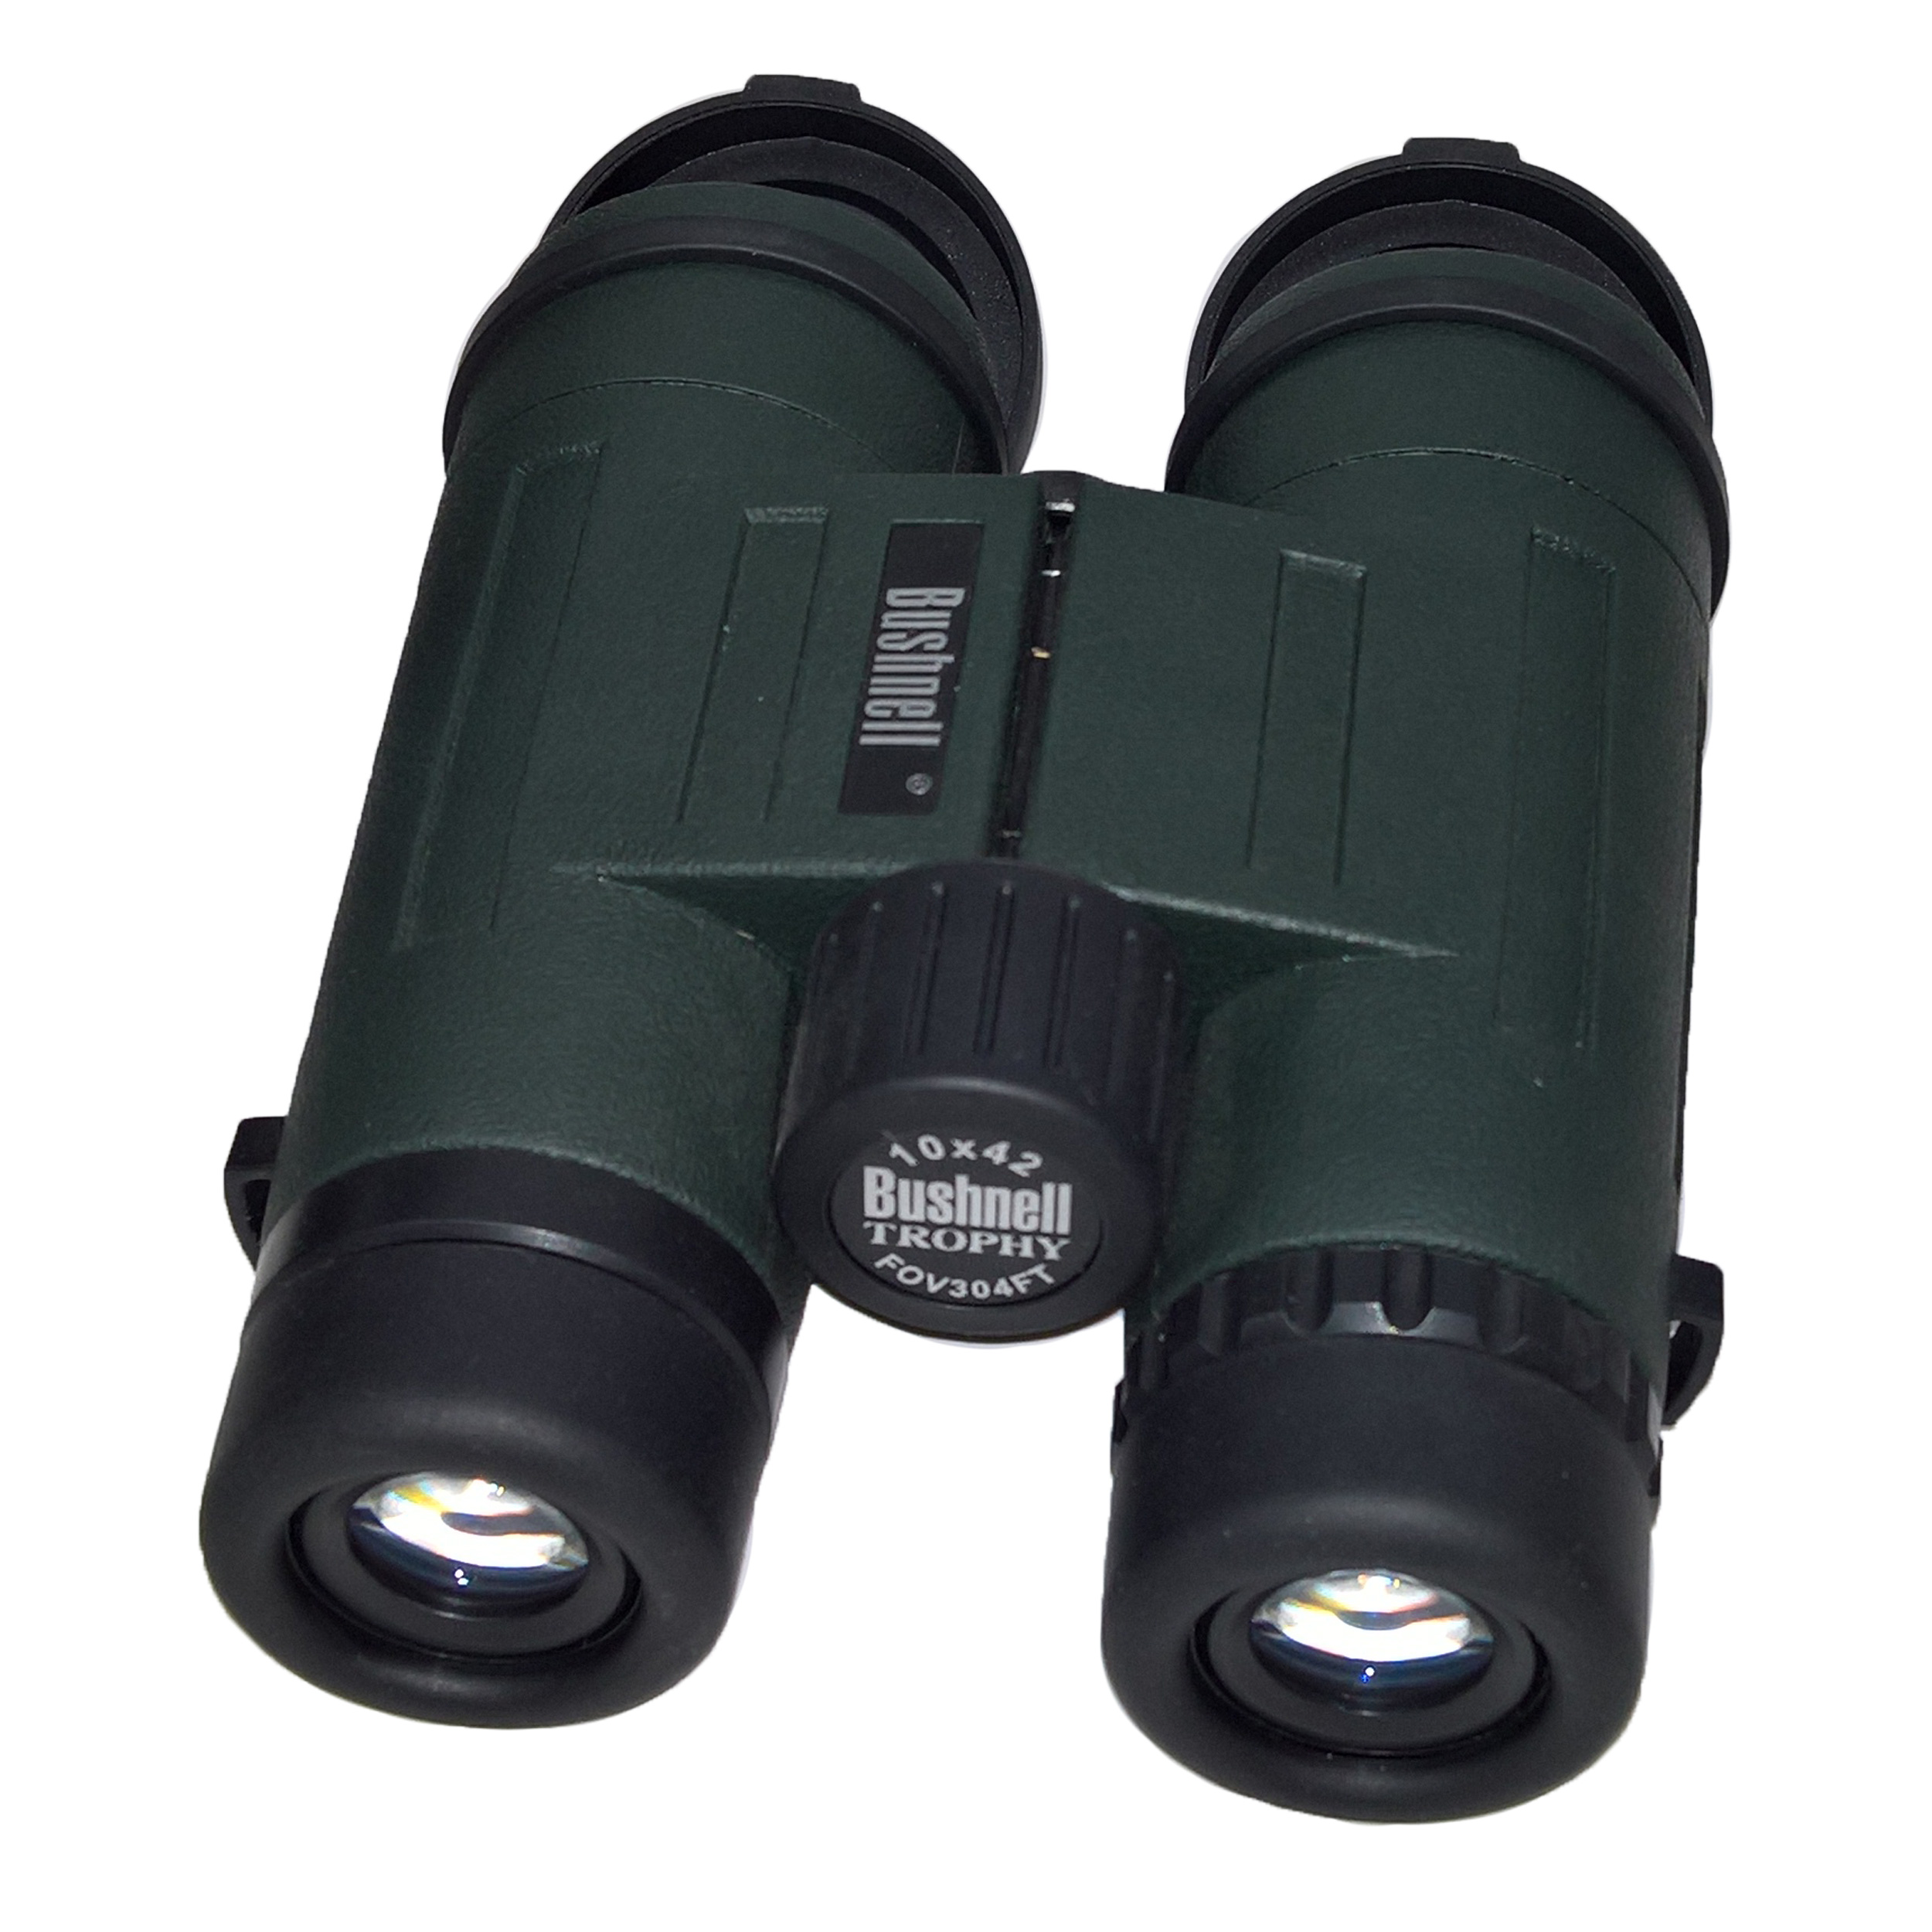 دوربین دو چشمی بوشنل مدل TROPHY 10×42